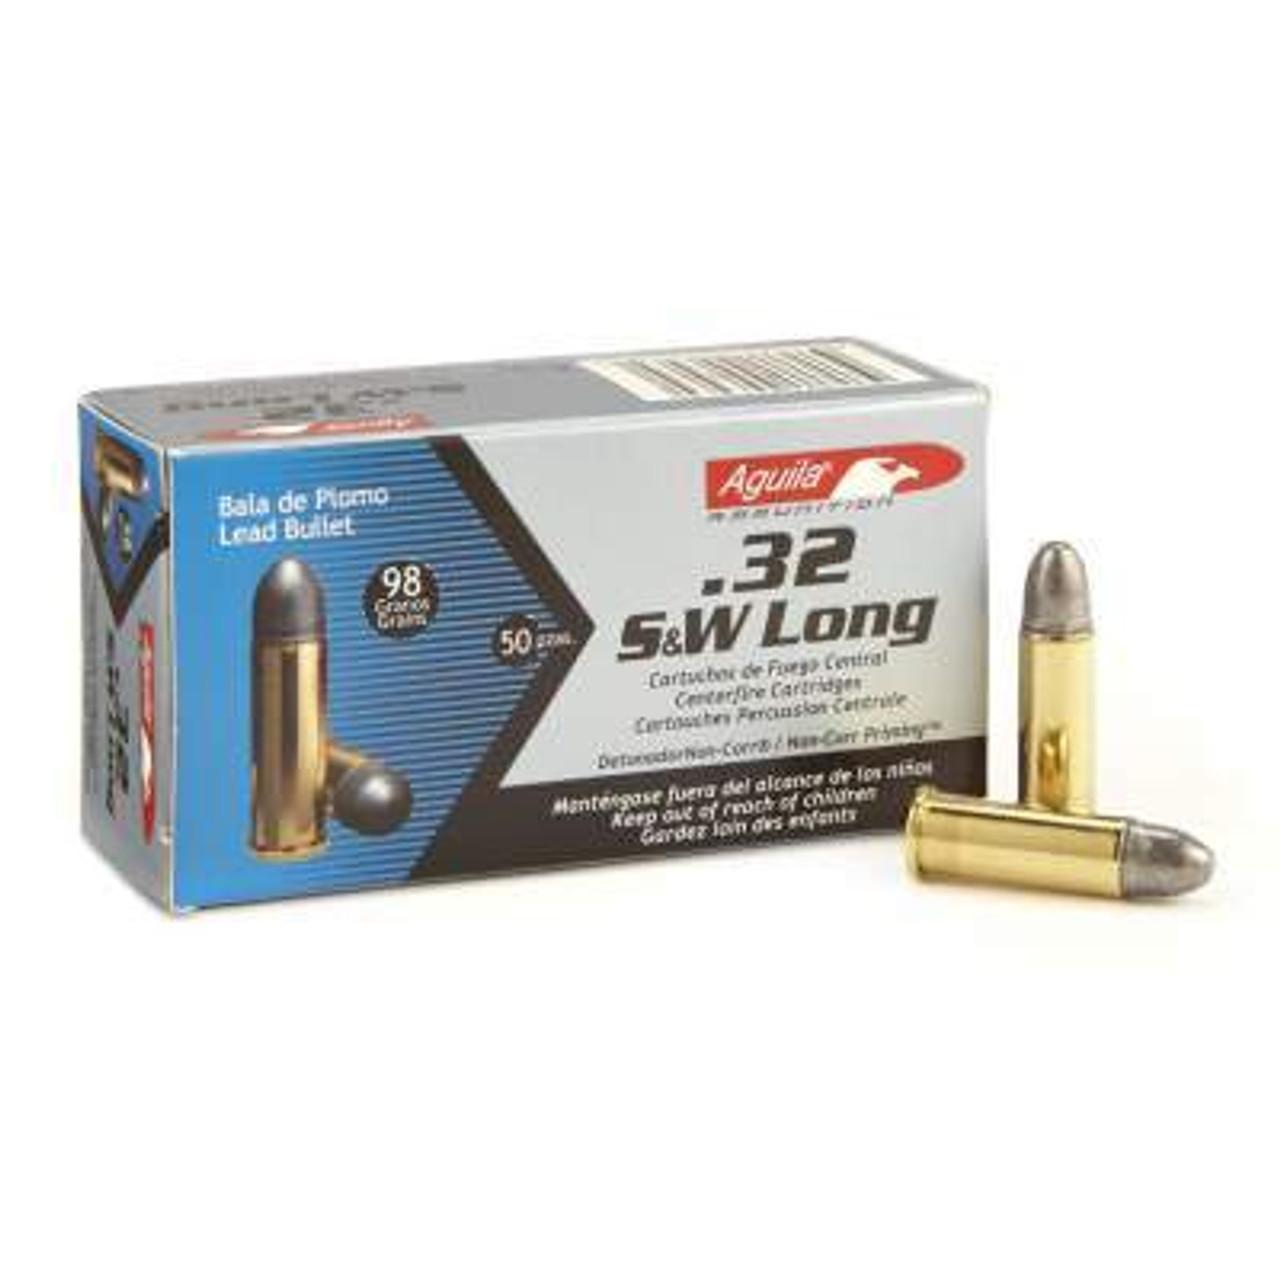 32 S&W Long Ammo